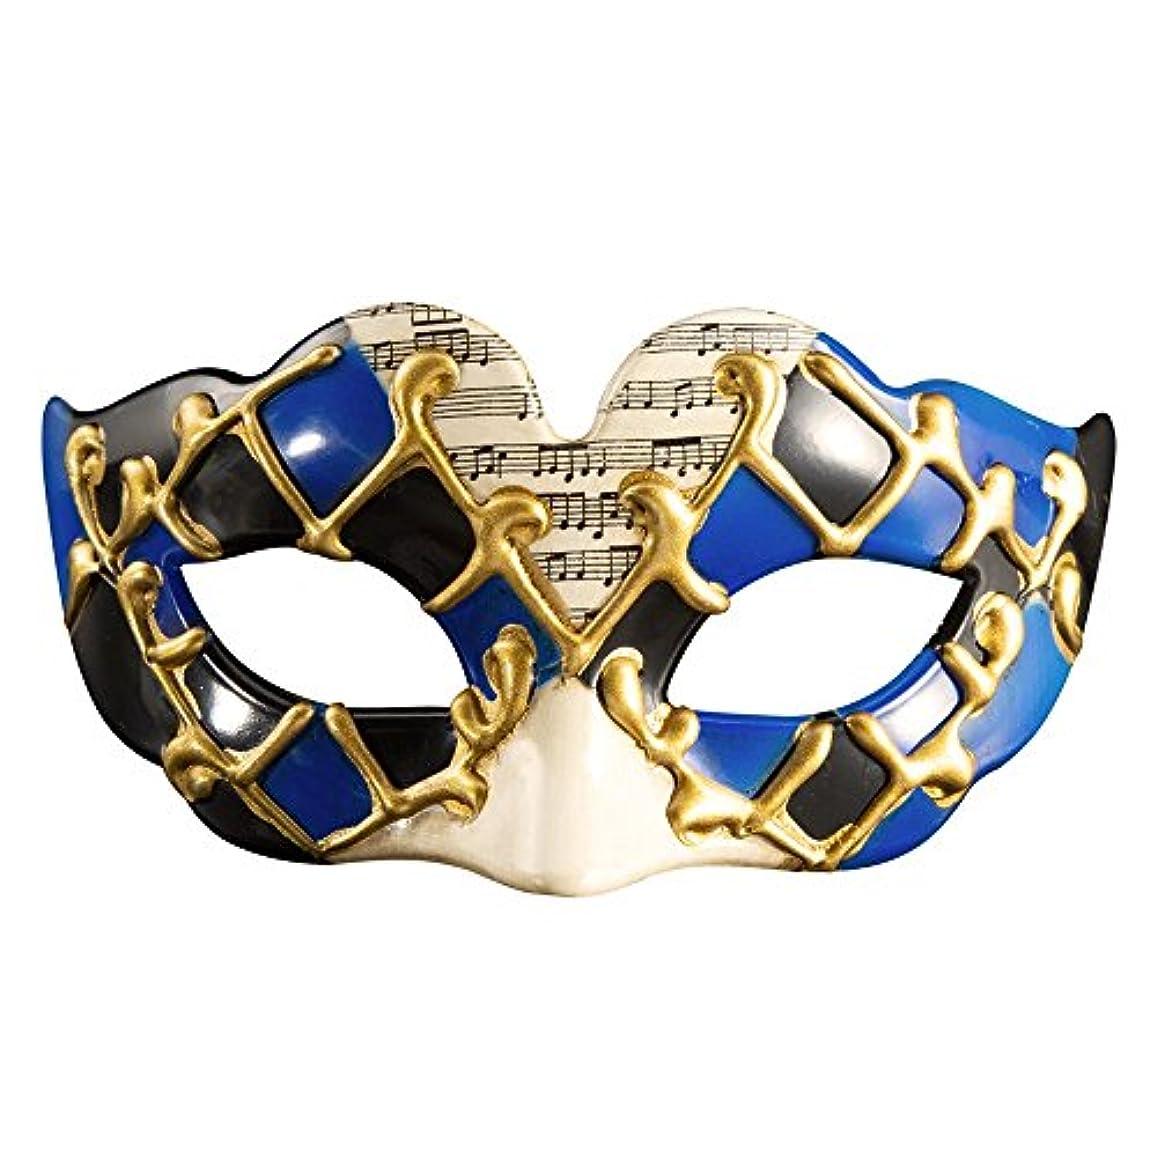 絶望ドキドキ代数クリエイティブキッズハーフフェイスハロウィンマスクパーティー新しいファンシードレスボールマスク (Color : #3)